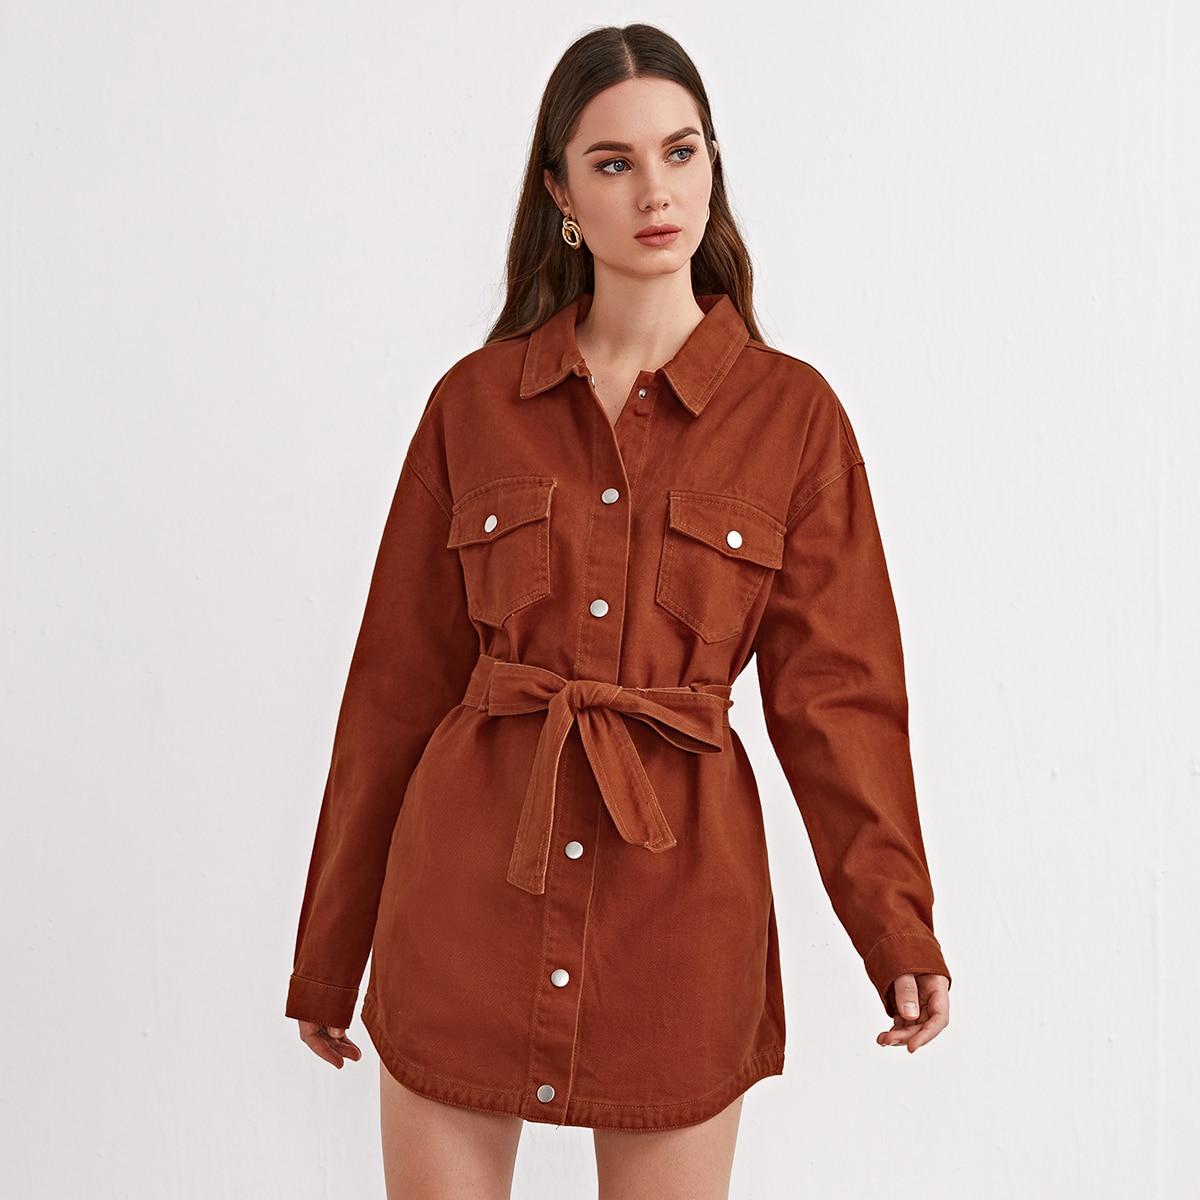 Джинсовая куртка с заниженными карманами на плечах и ремнем